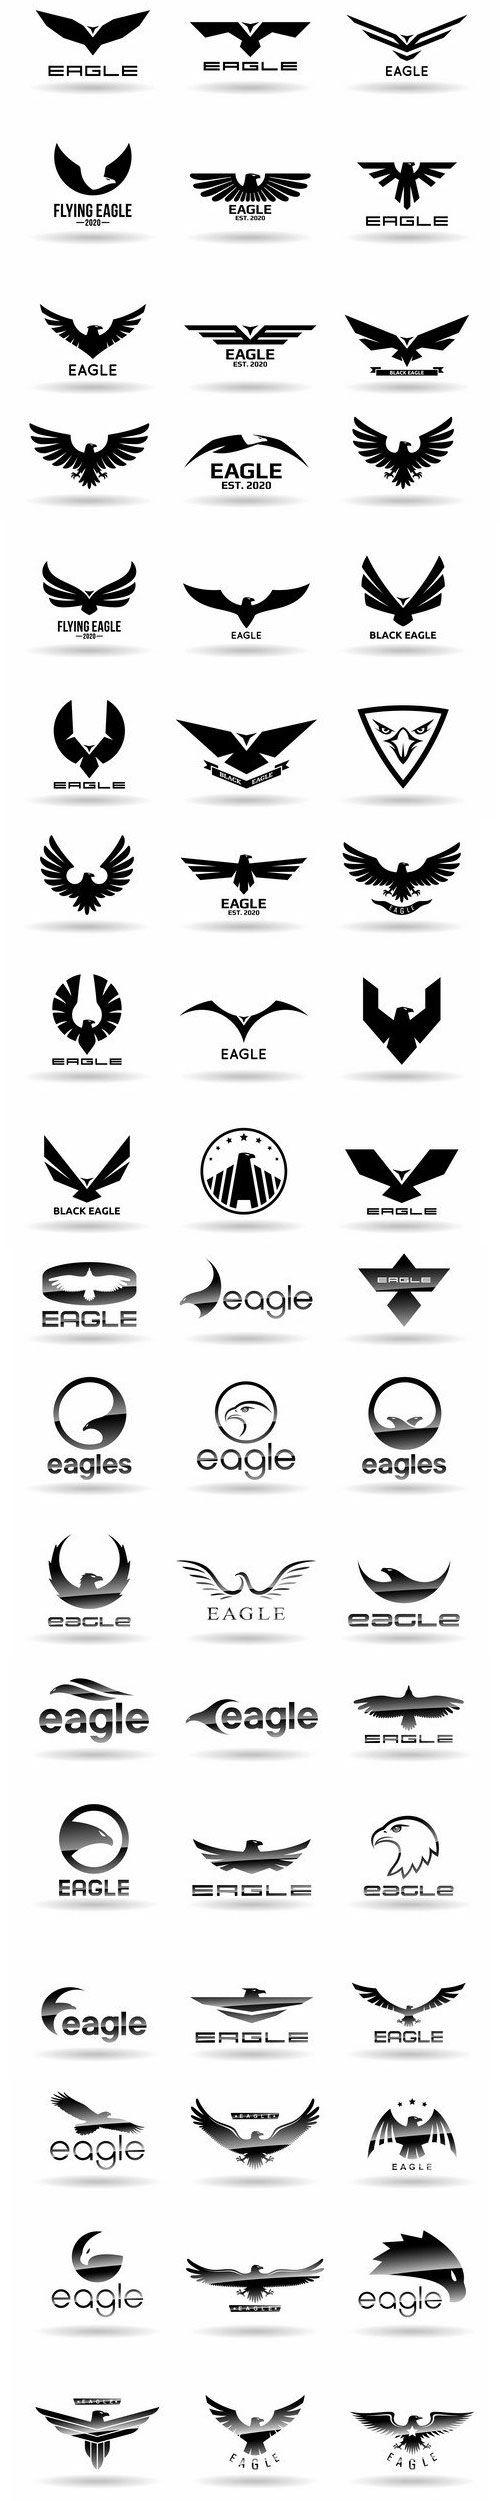 eagle company logo concept ideas www.cheap-logo-design.co.uk #eaglecompanylogo #eagleicon #eaglelogos